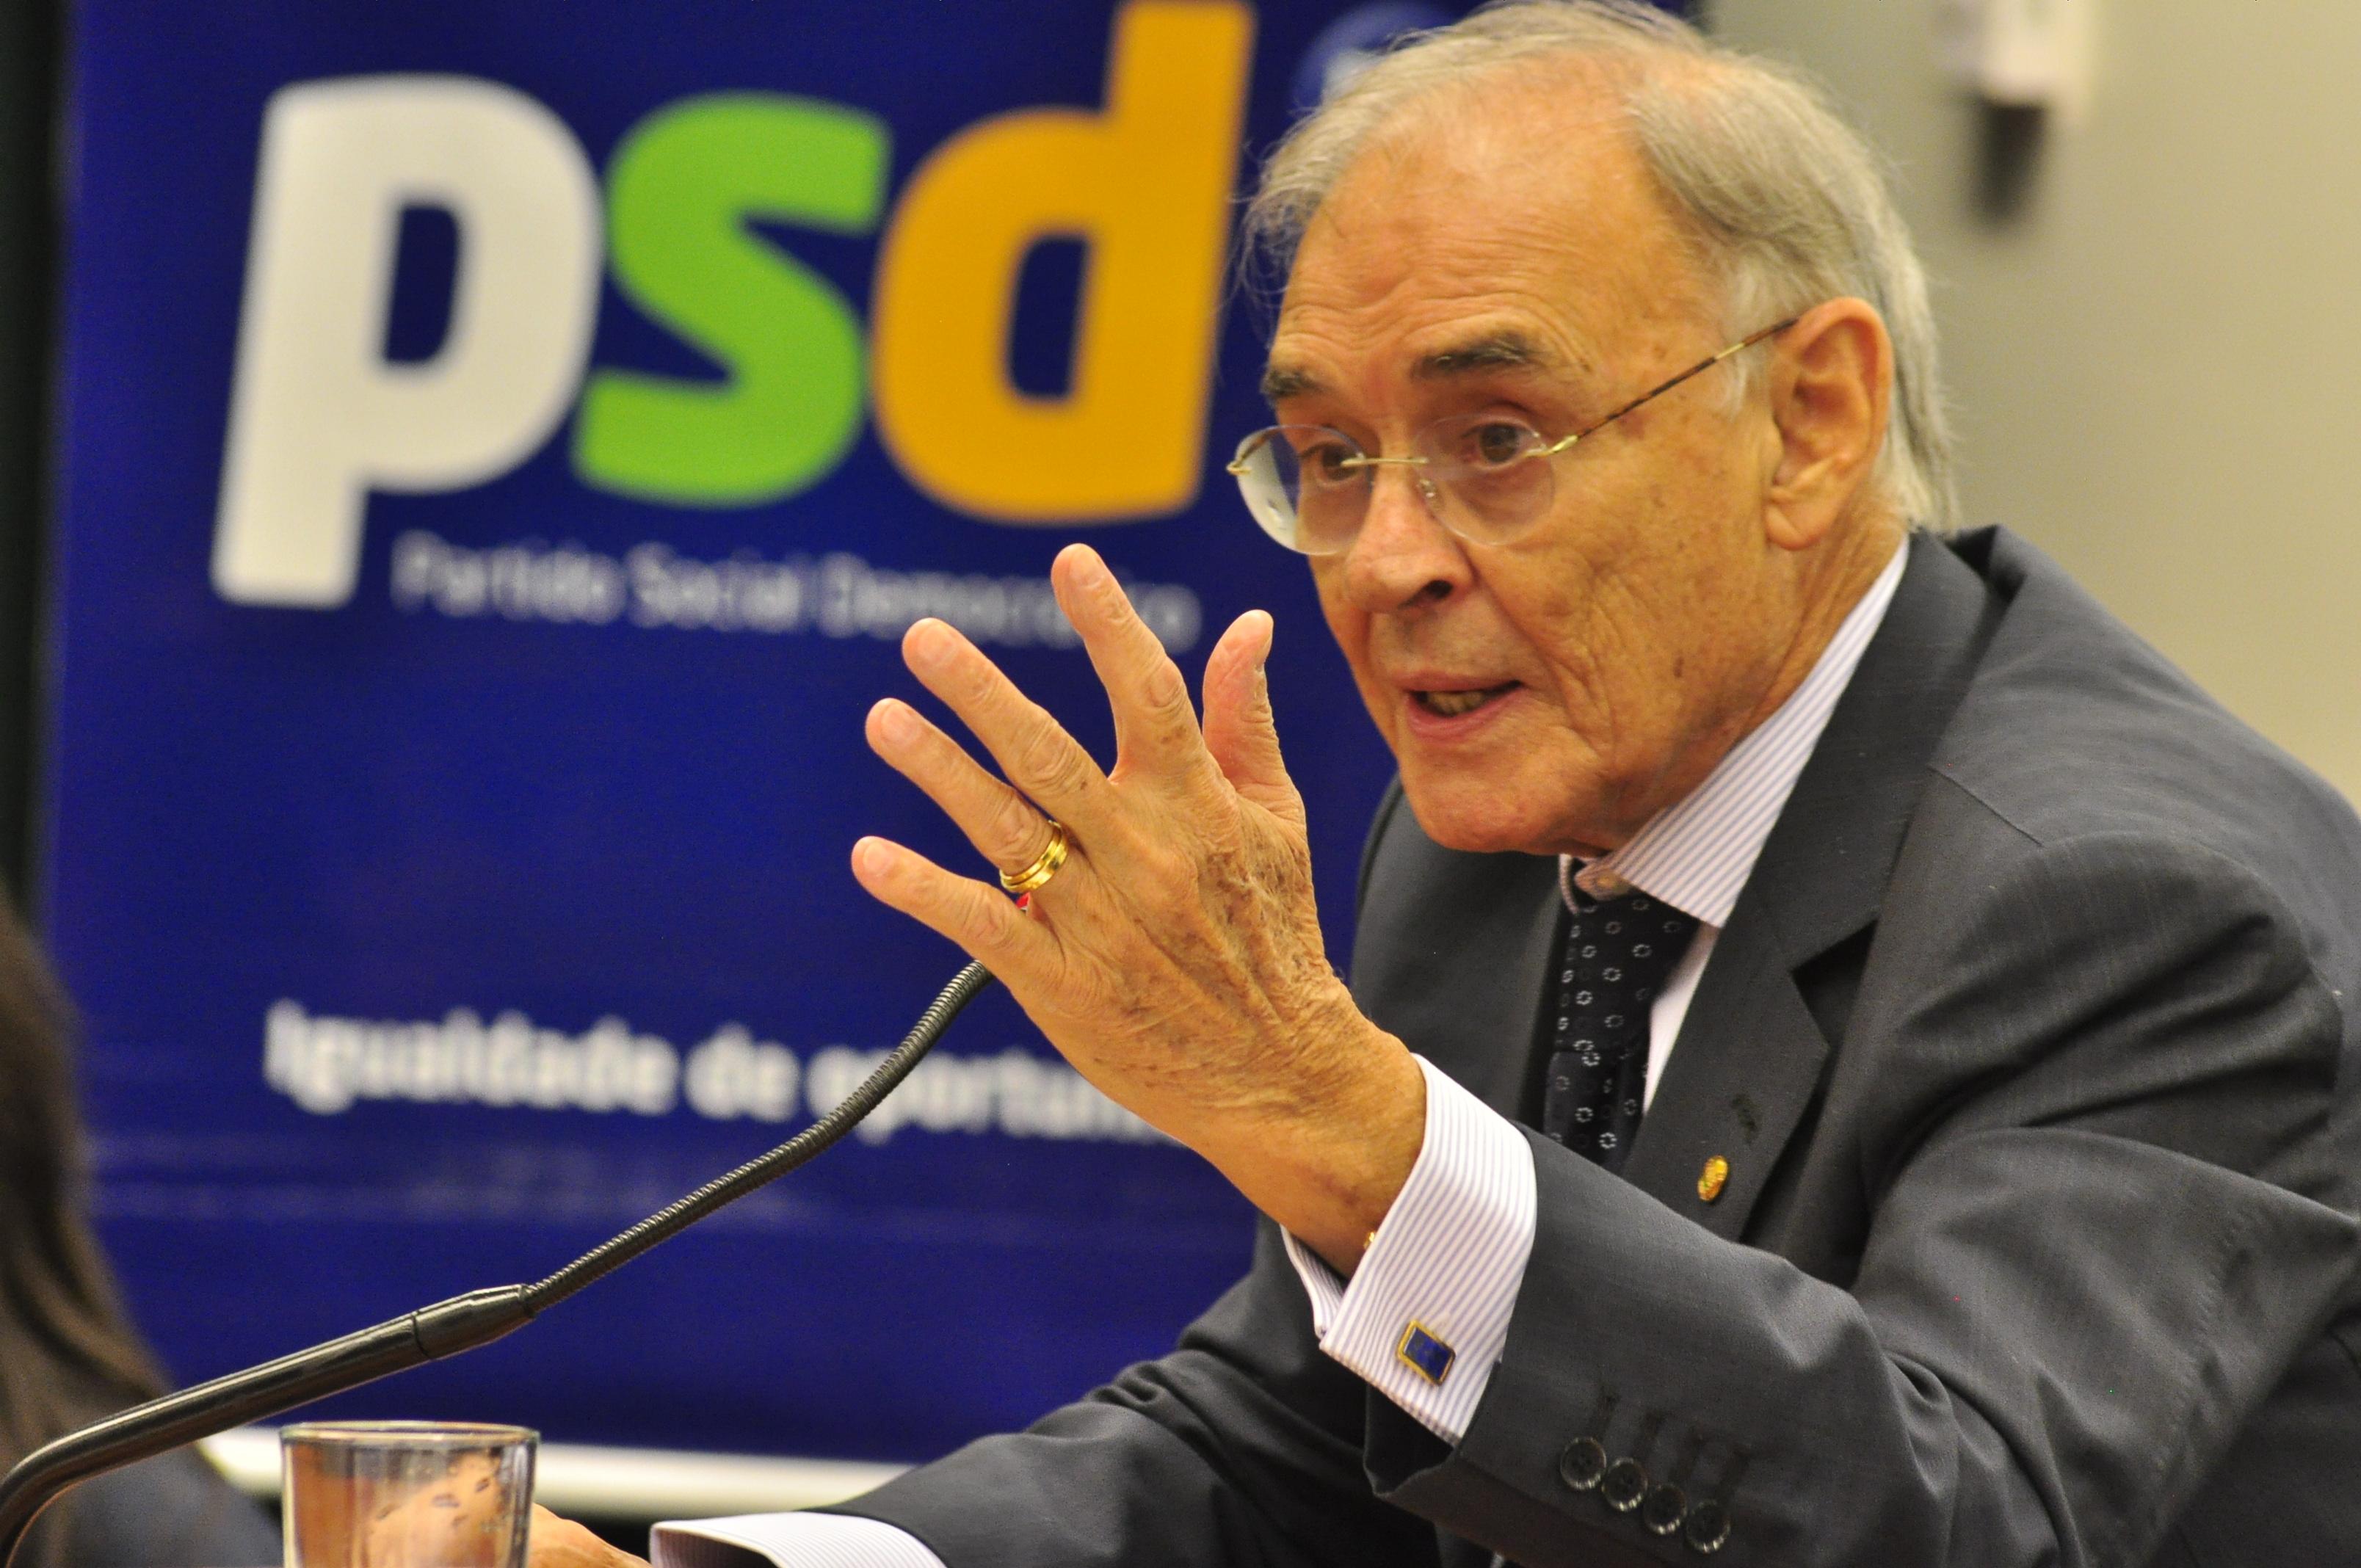 Senador Arolde de Oliveira assume Comissão Provisória do PSD-RJ